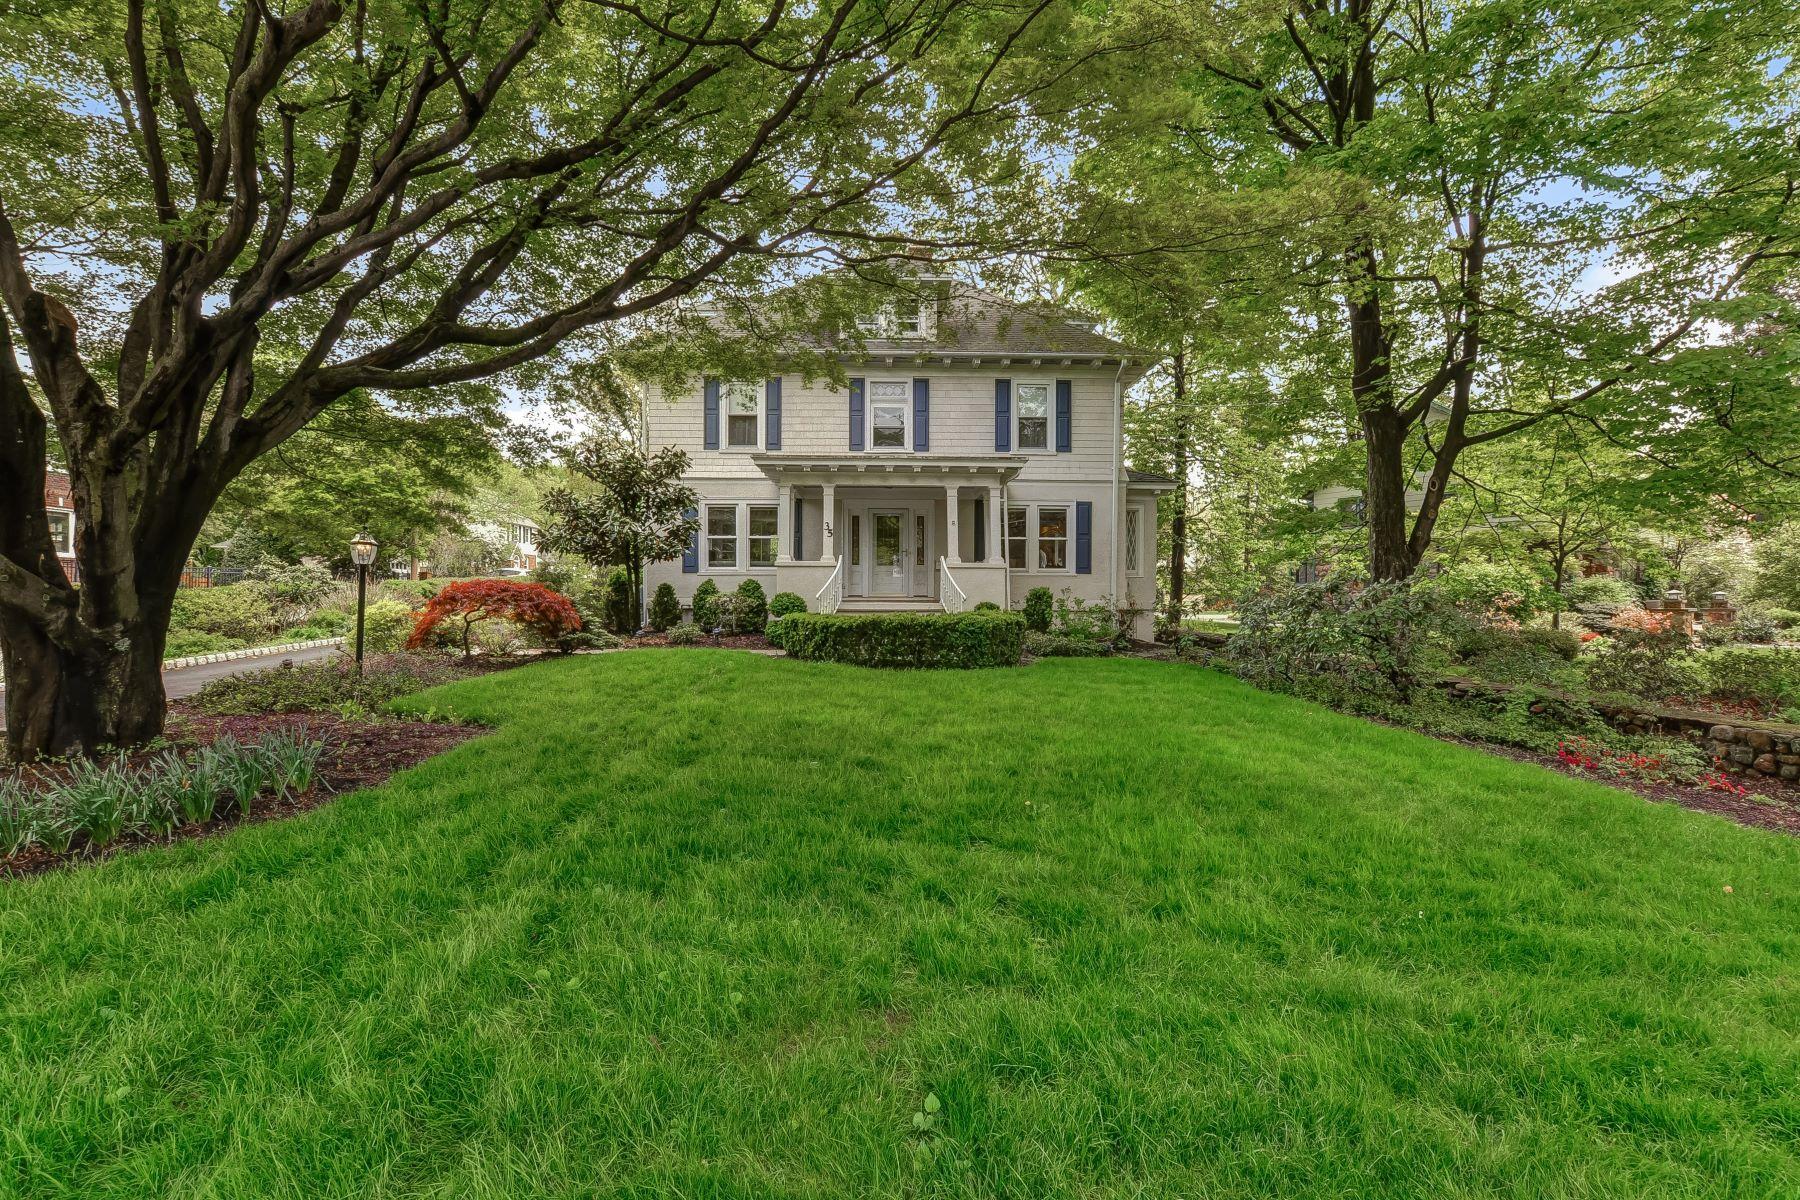 Casa Unifamiliar por un Venta en Charming & Elegant 35 Littleton Road, Morris Plains, Nueva Jersey 07950 Estados Unidos